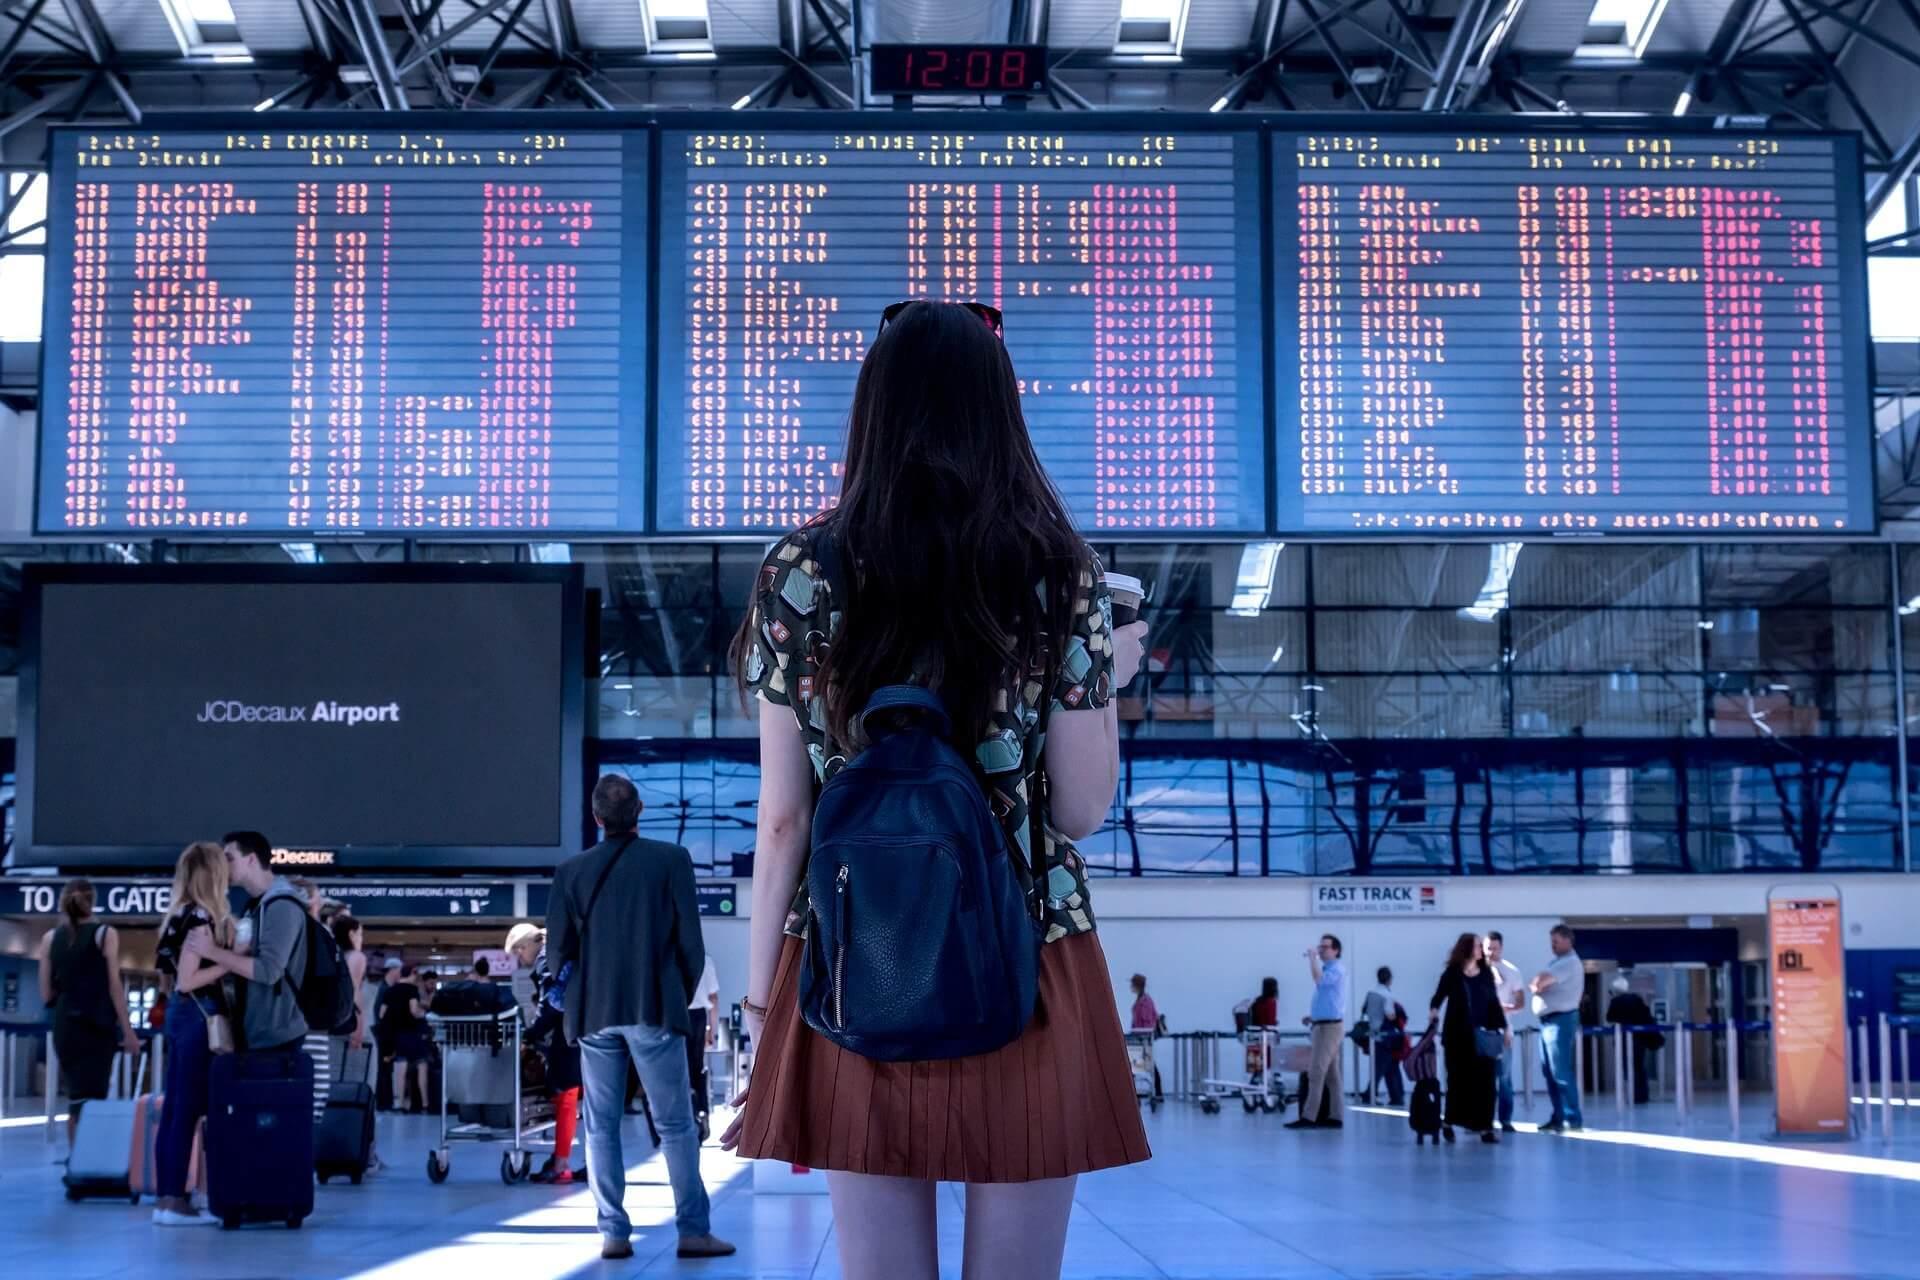 Une femme situé devant le panneau d'affichage d'un aéroport